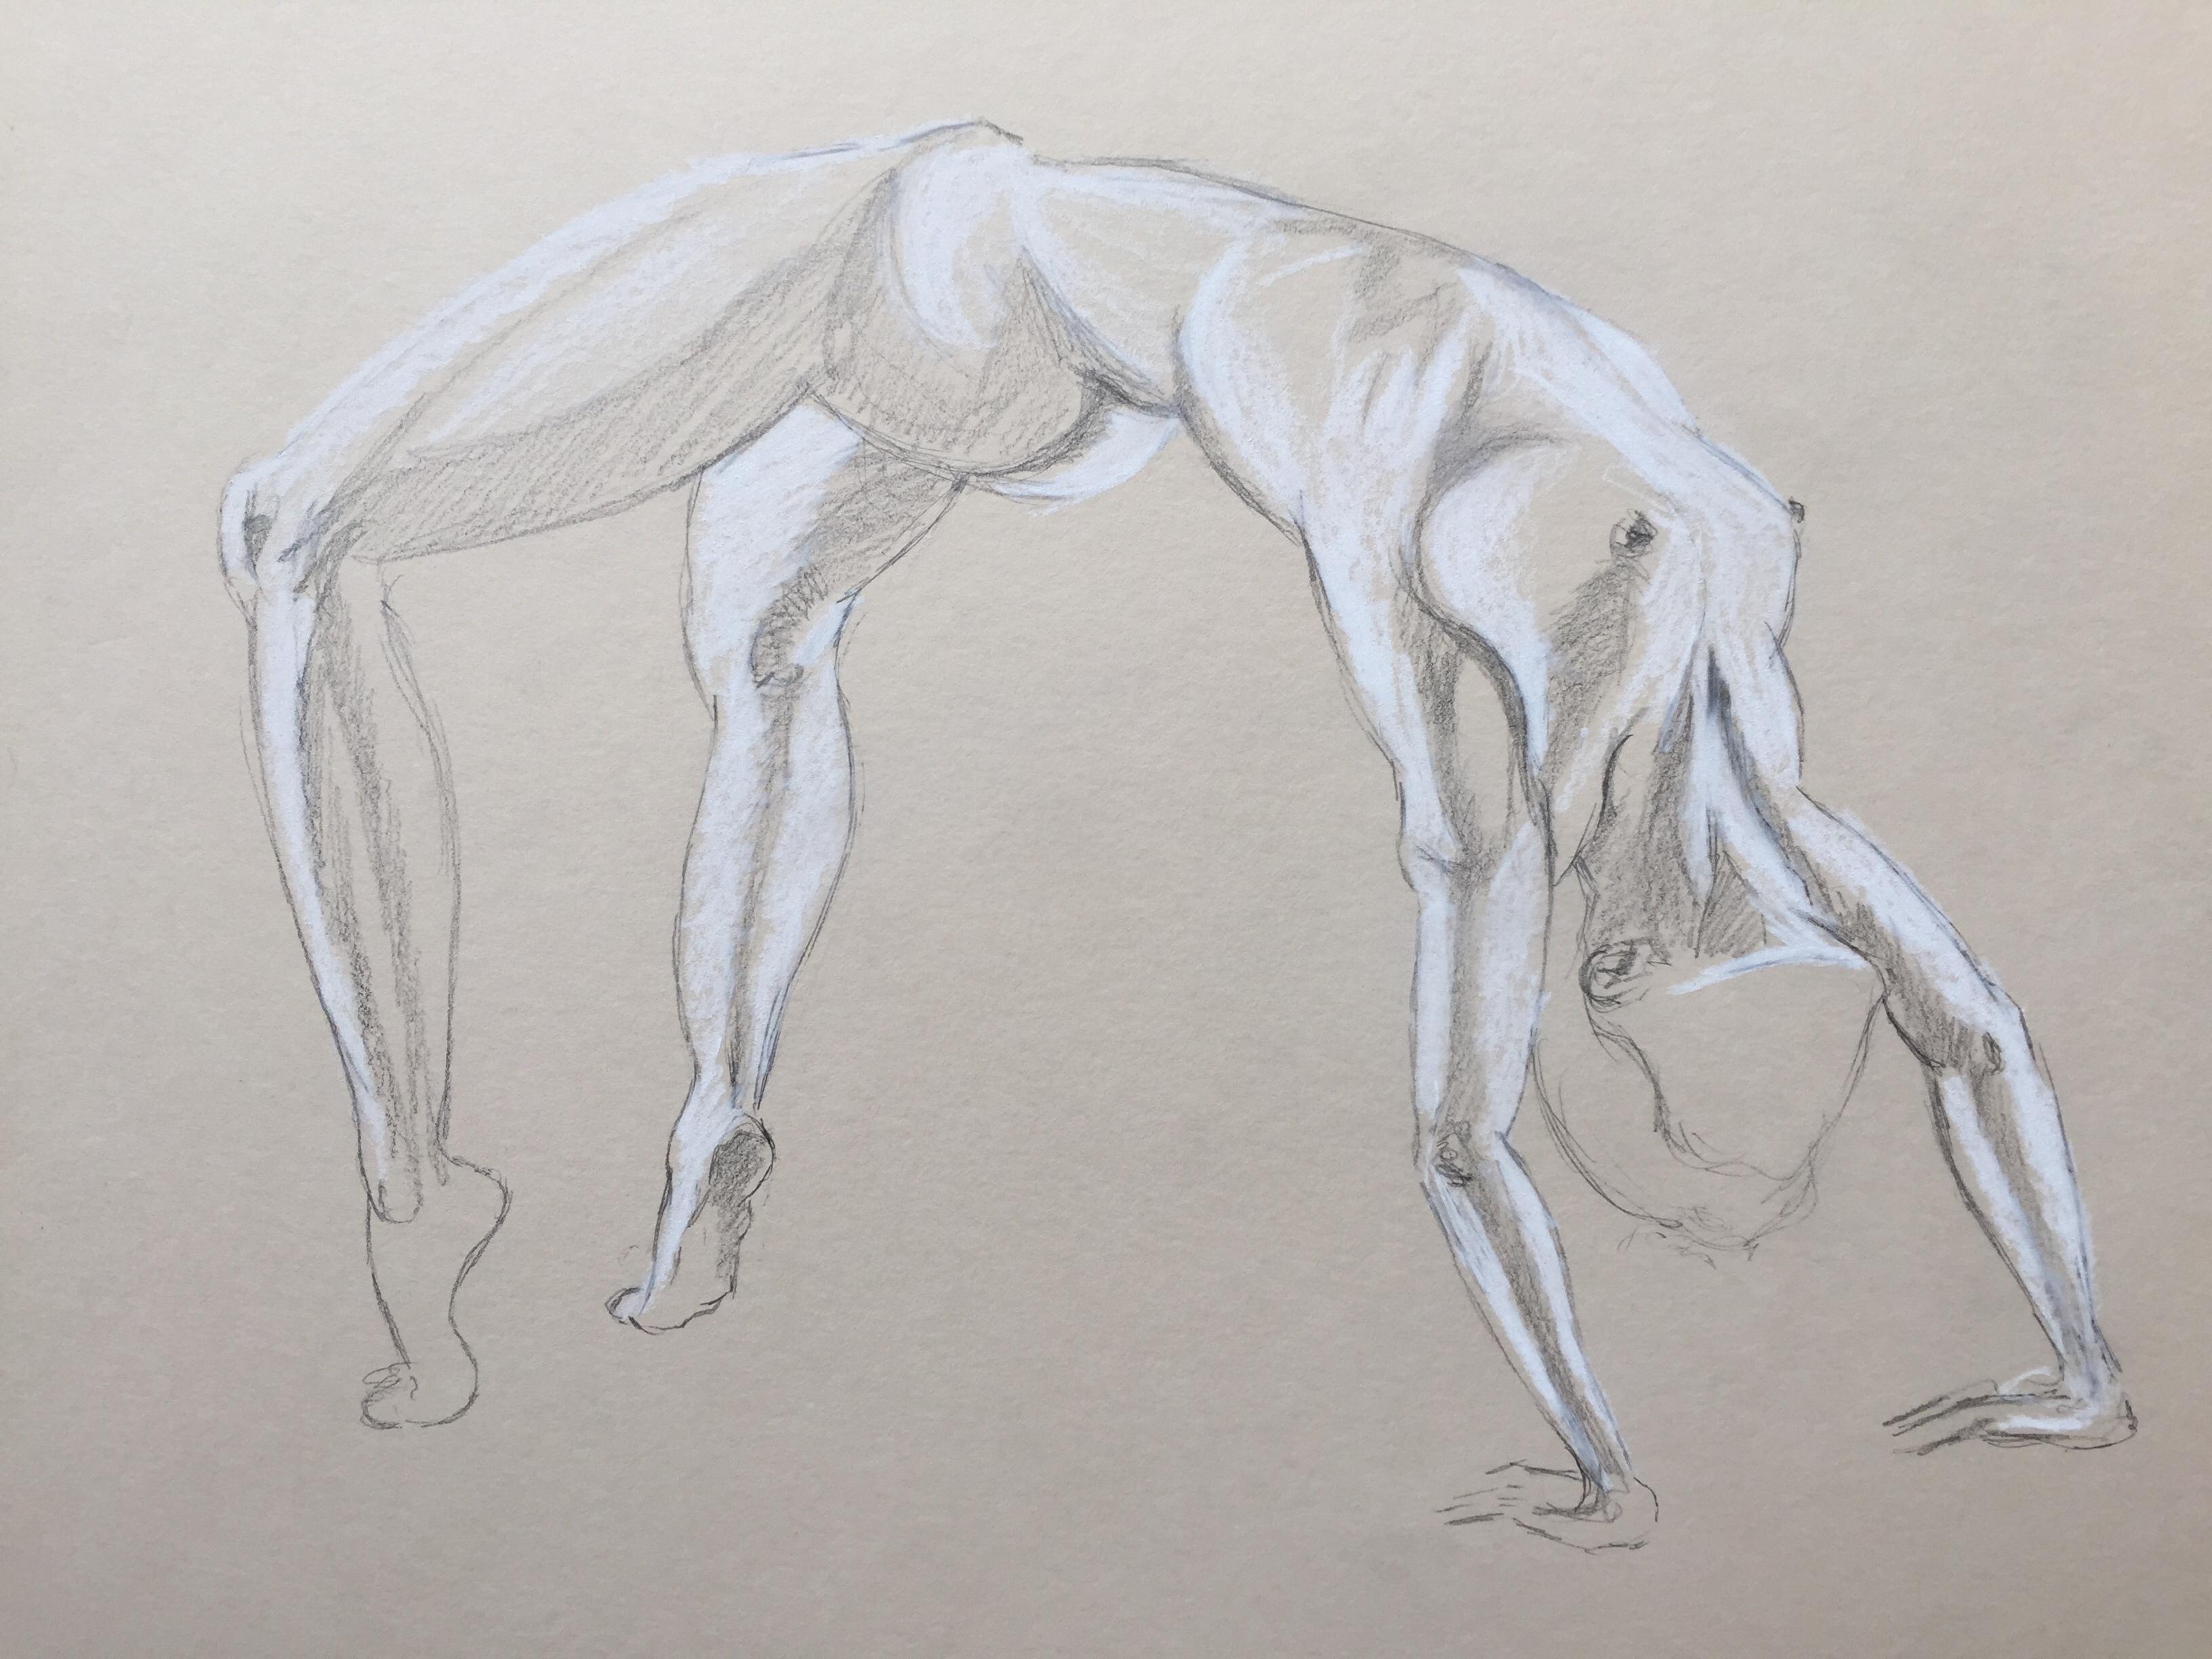 Craie blanche graphite sur papier recycl�  cours de dessin